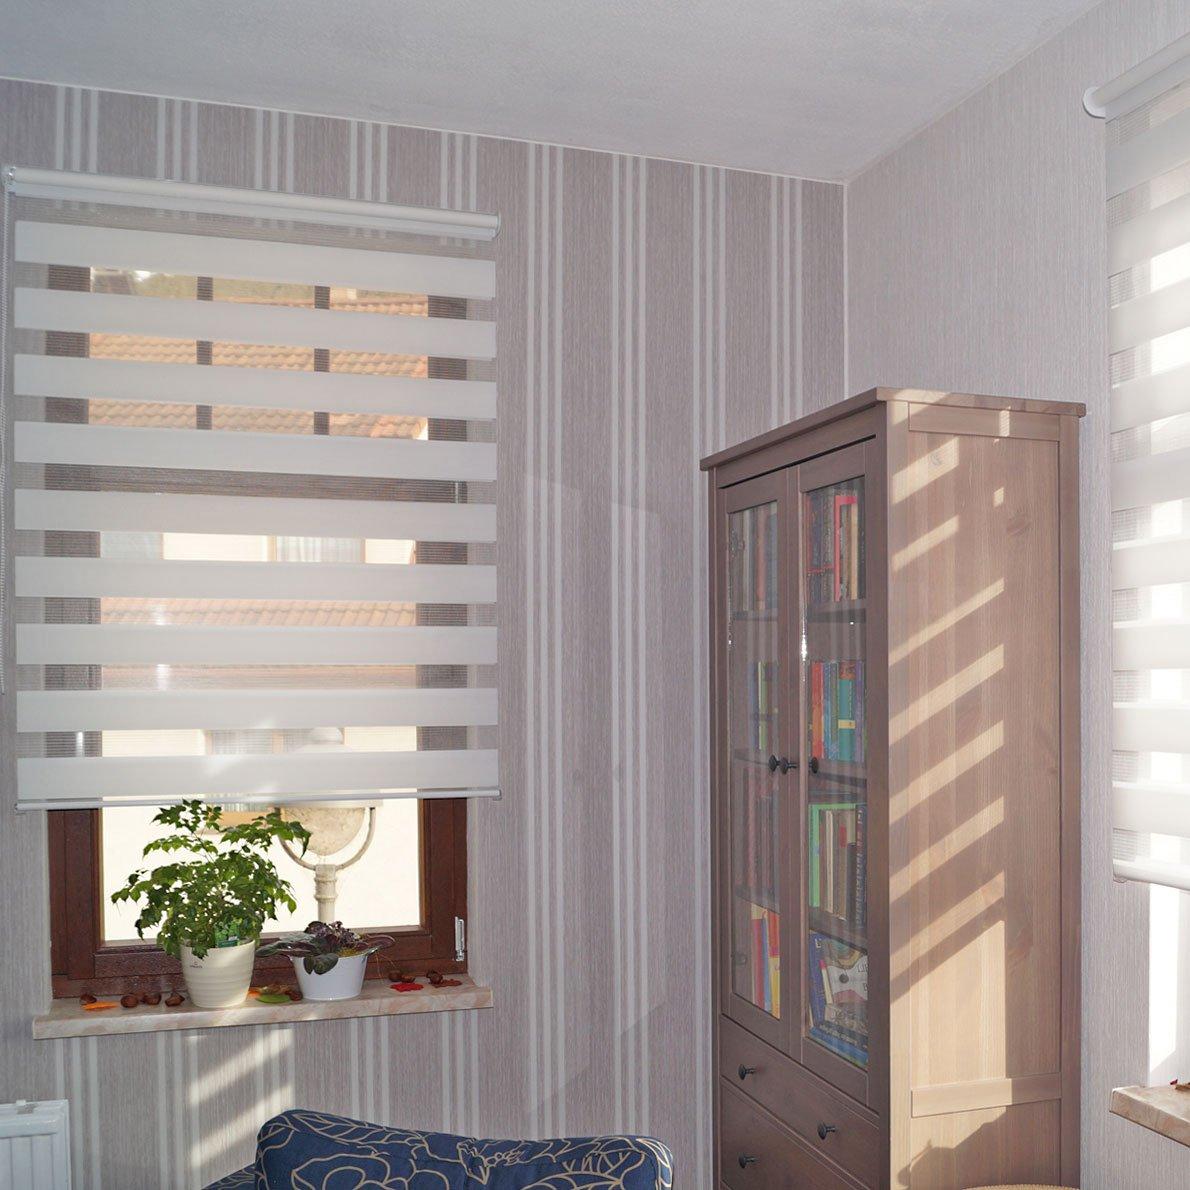 Victoria M - Estor doble enrollable (para ventanas y puertas) 80 x 175 cm, blanco: Amazon.es: Hogar